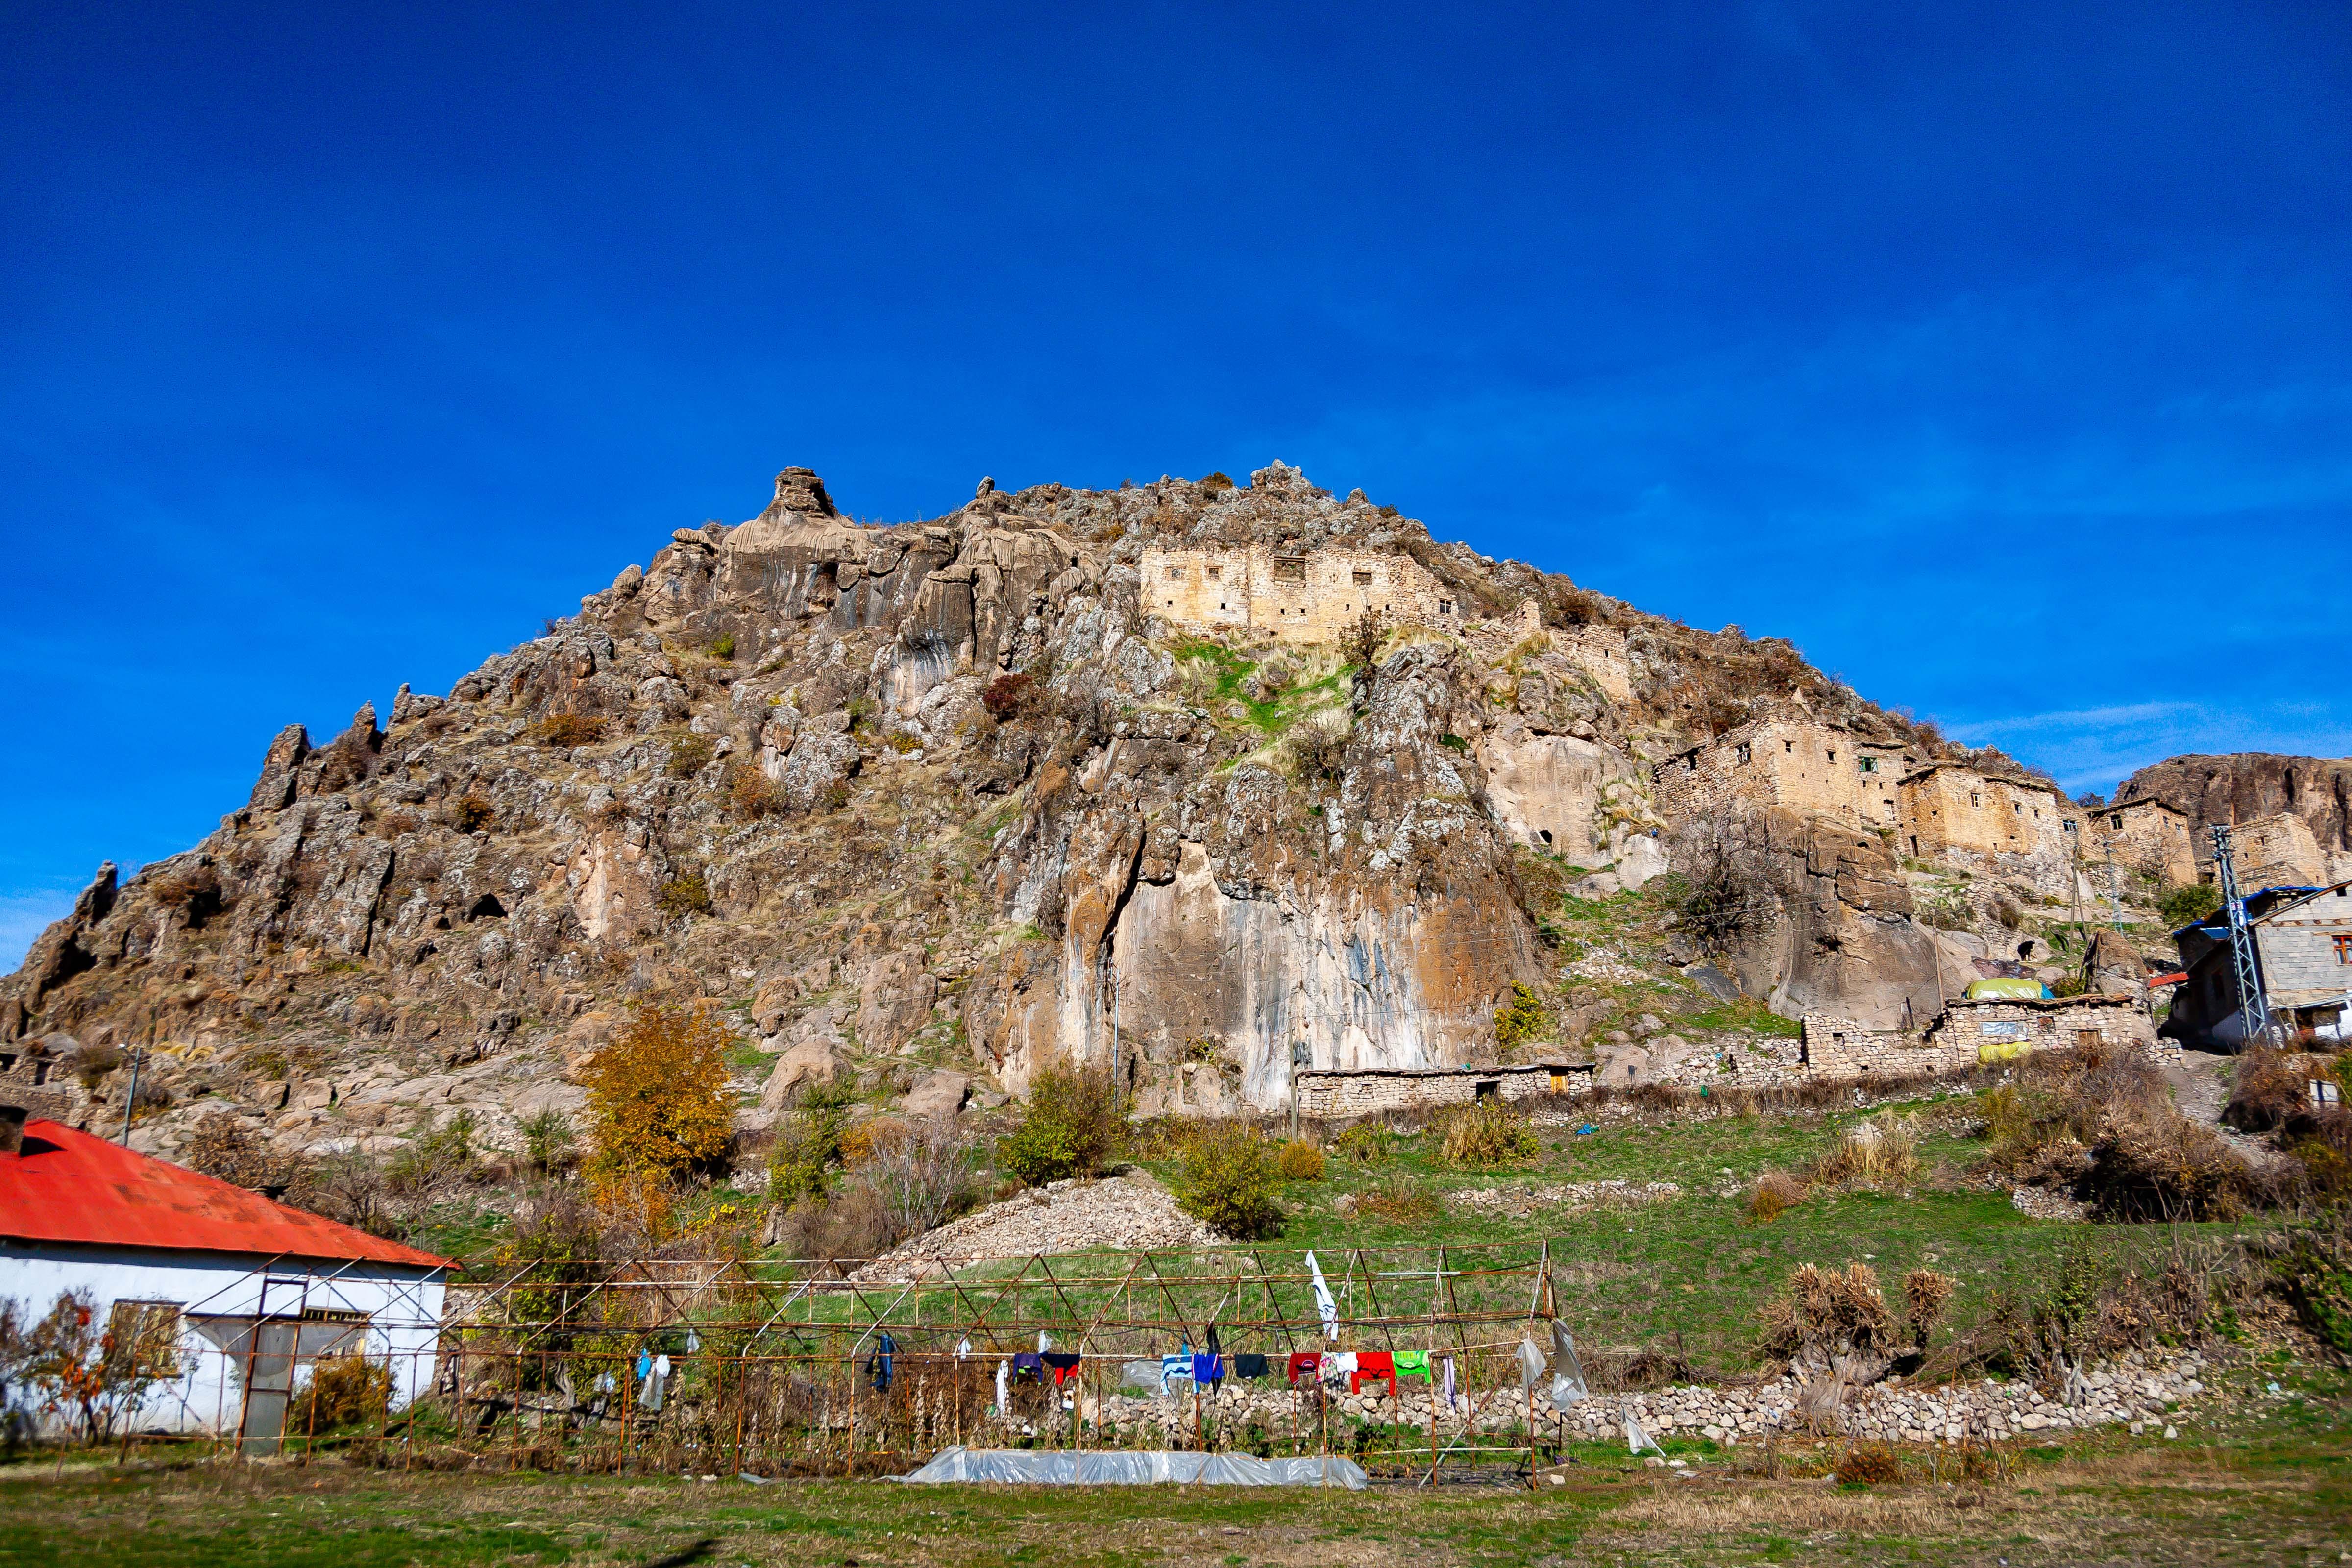 Turkey, Hakkari Prov, Cukurca, 2009, IMG 2116